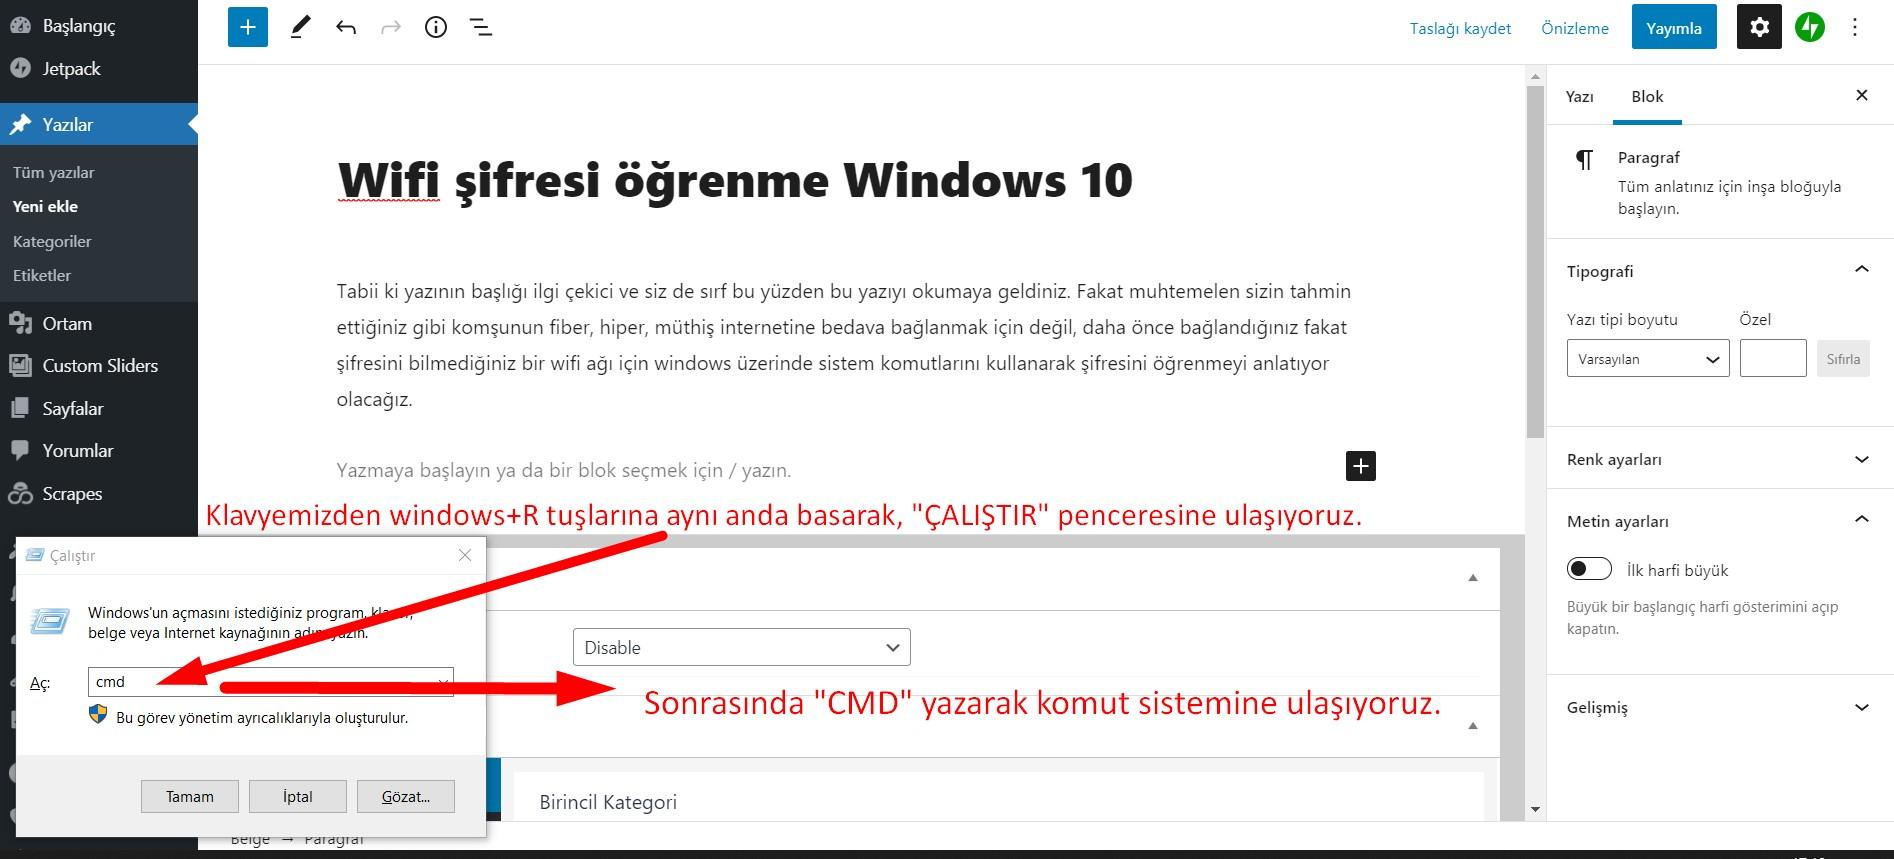 """Klavyeden windows + R tuşlarına basarak, """"ÇALIŞTIR"""" penceresini açıyoruz. Pencereye """"CMD"""" yazarak, komut sistemine geçiş yapıyoruz."""